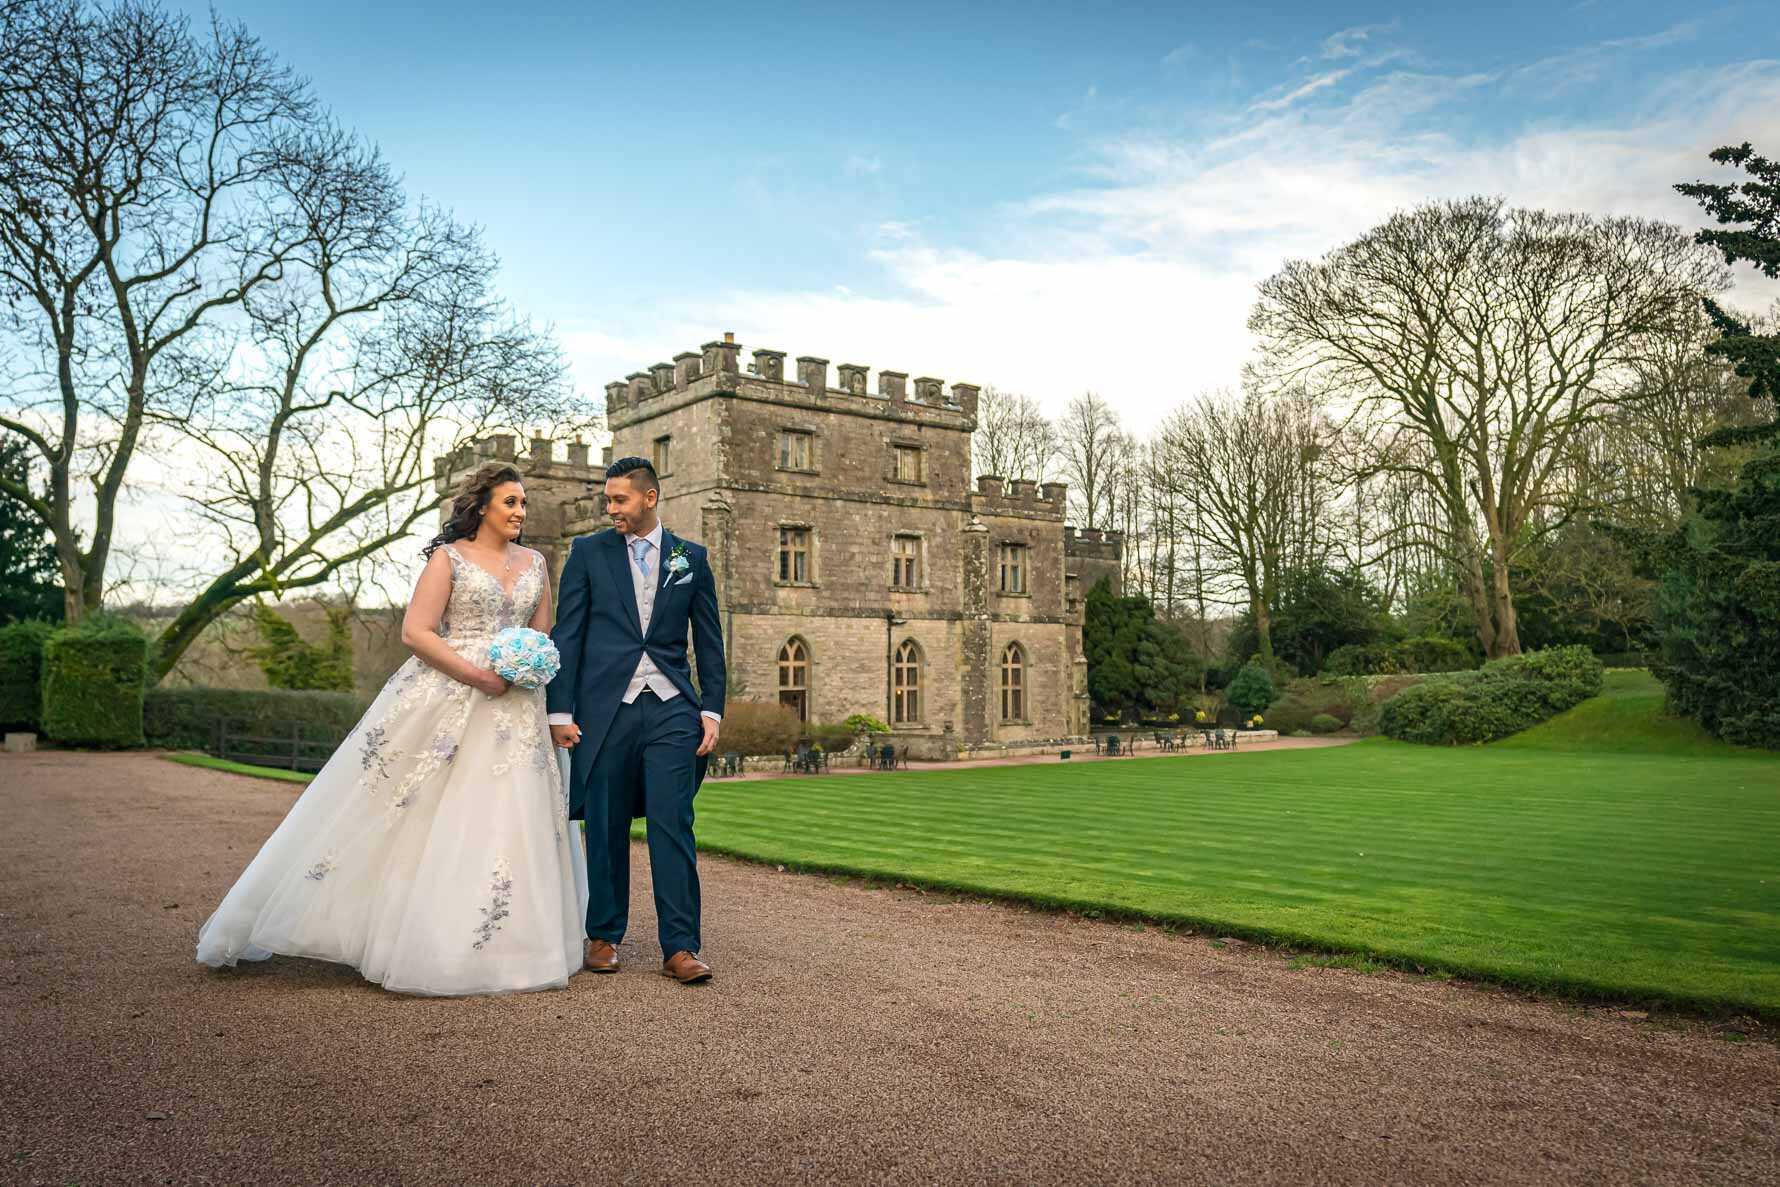 Chantelle & Ben's Wedding - Clearwell Castle